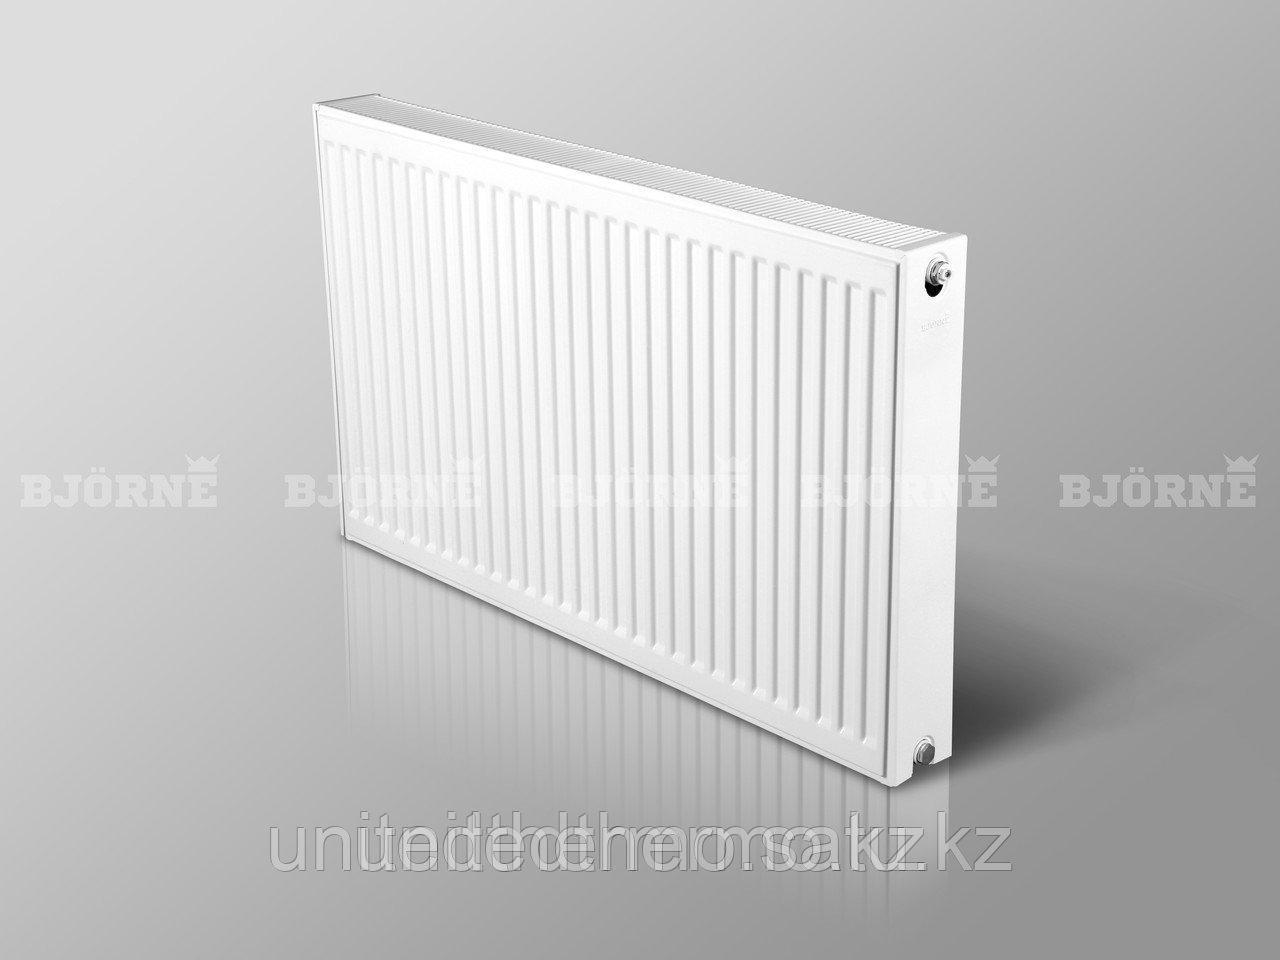 Стальной панельный радиатор Bjorne тип 22K H500мм*L1800мм боковое подключение